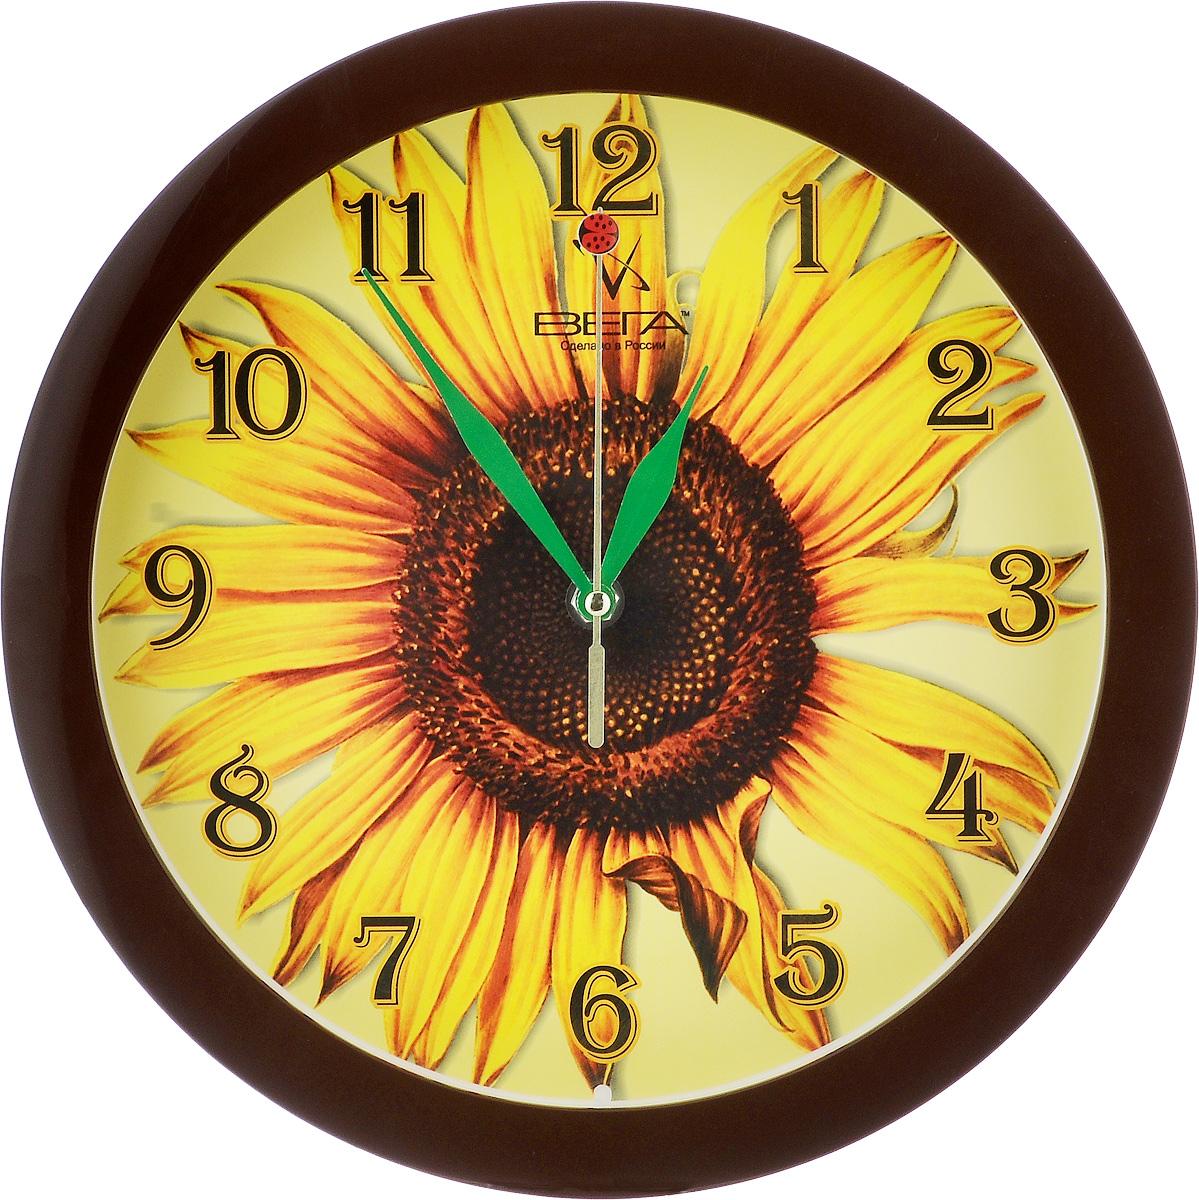 Часы настенные Вега Подсолнух, диаметр 28,5 смП1-9/7-15Настенные кварцевые часы Вега Подсолнух, изготовленные из пластика, прекрасно впишутся в интерьер вашего дома. Круглые часы имеют три стрелки: часовую, минутную и секундную, циферблат защищен прозрачным стеклом. Часы работают от 1 батарейки типа АА напряжением 1,5 В (не входит в комплект). Диаметр часов: 28,5 см.